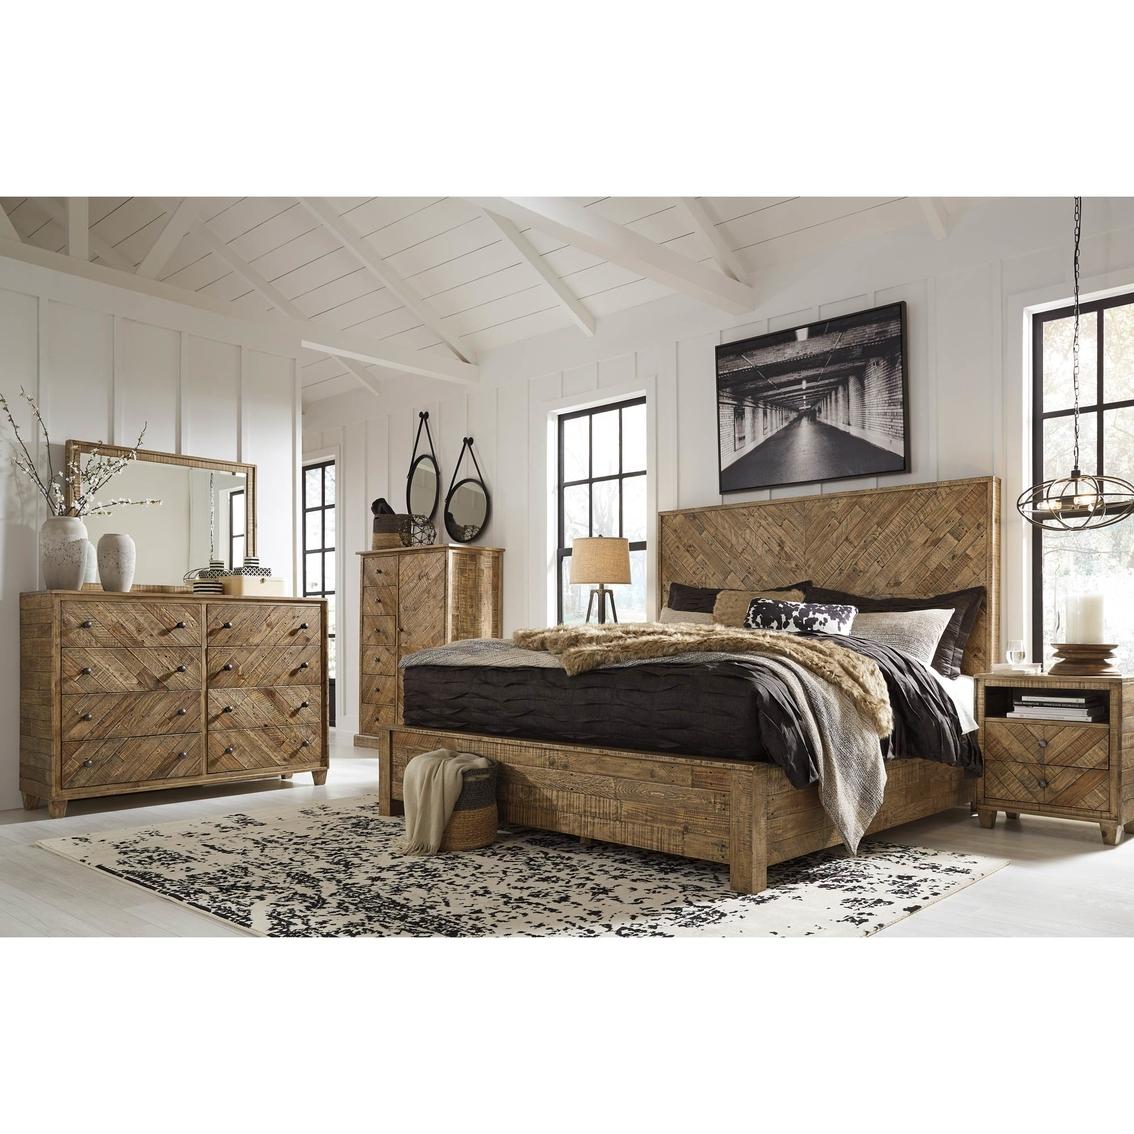 Signature design by ashley grindleburg 5 pc panel bed set - Bedroom furniture set online shopping ...